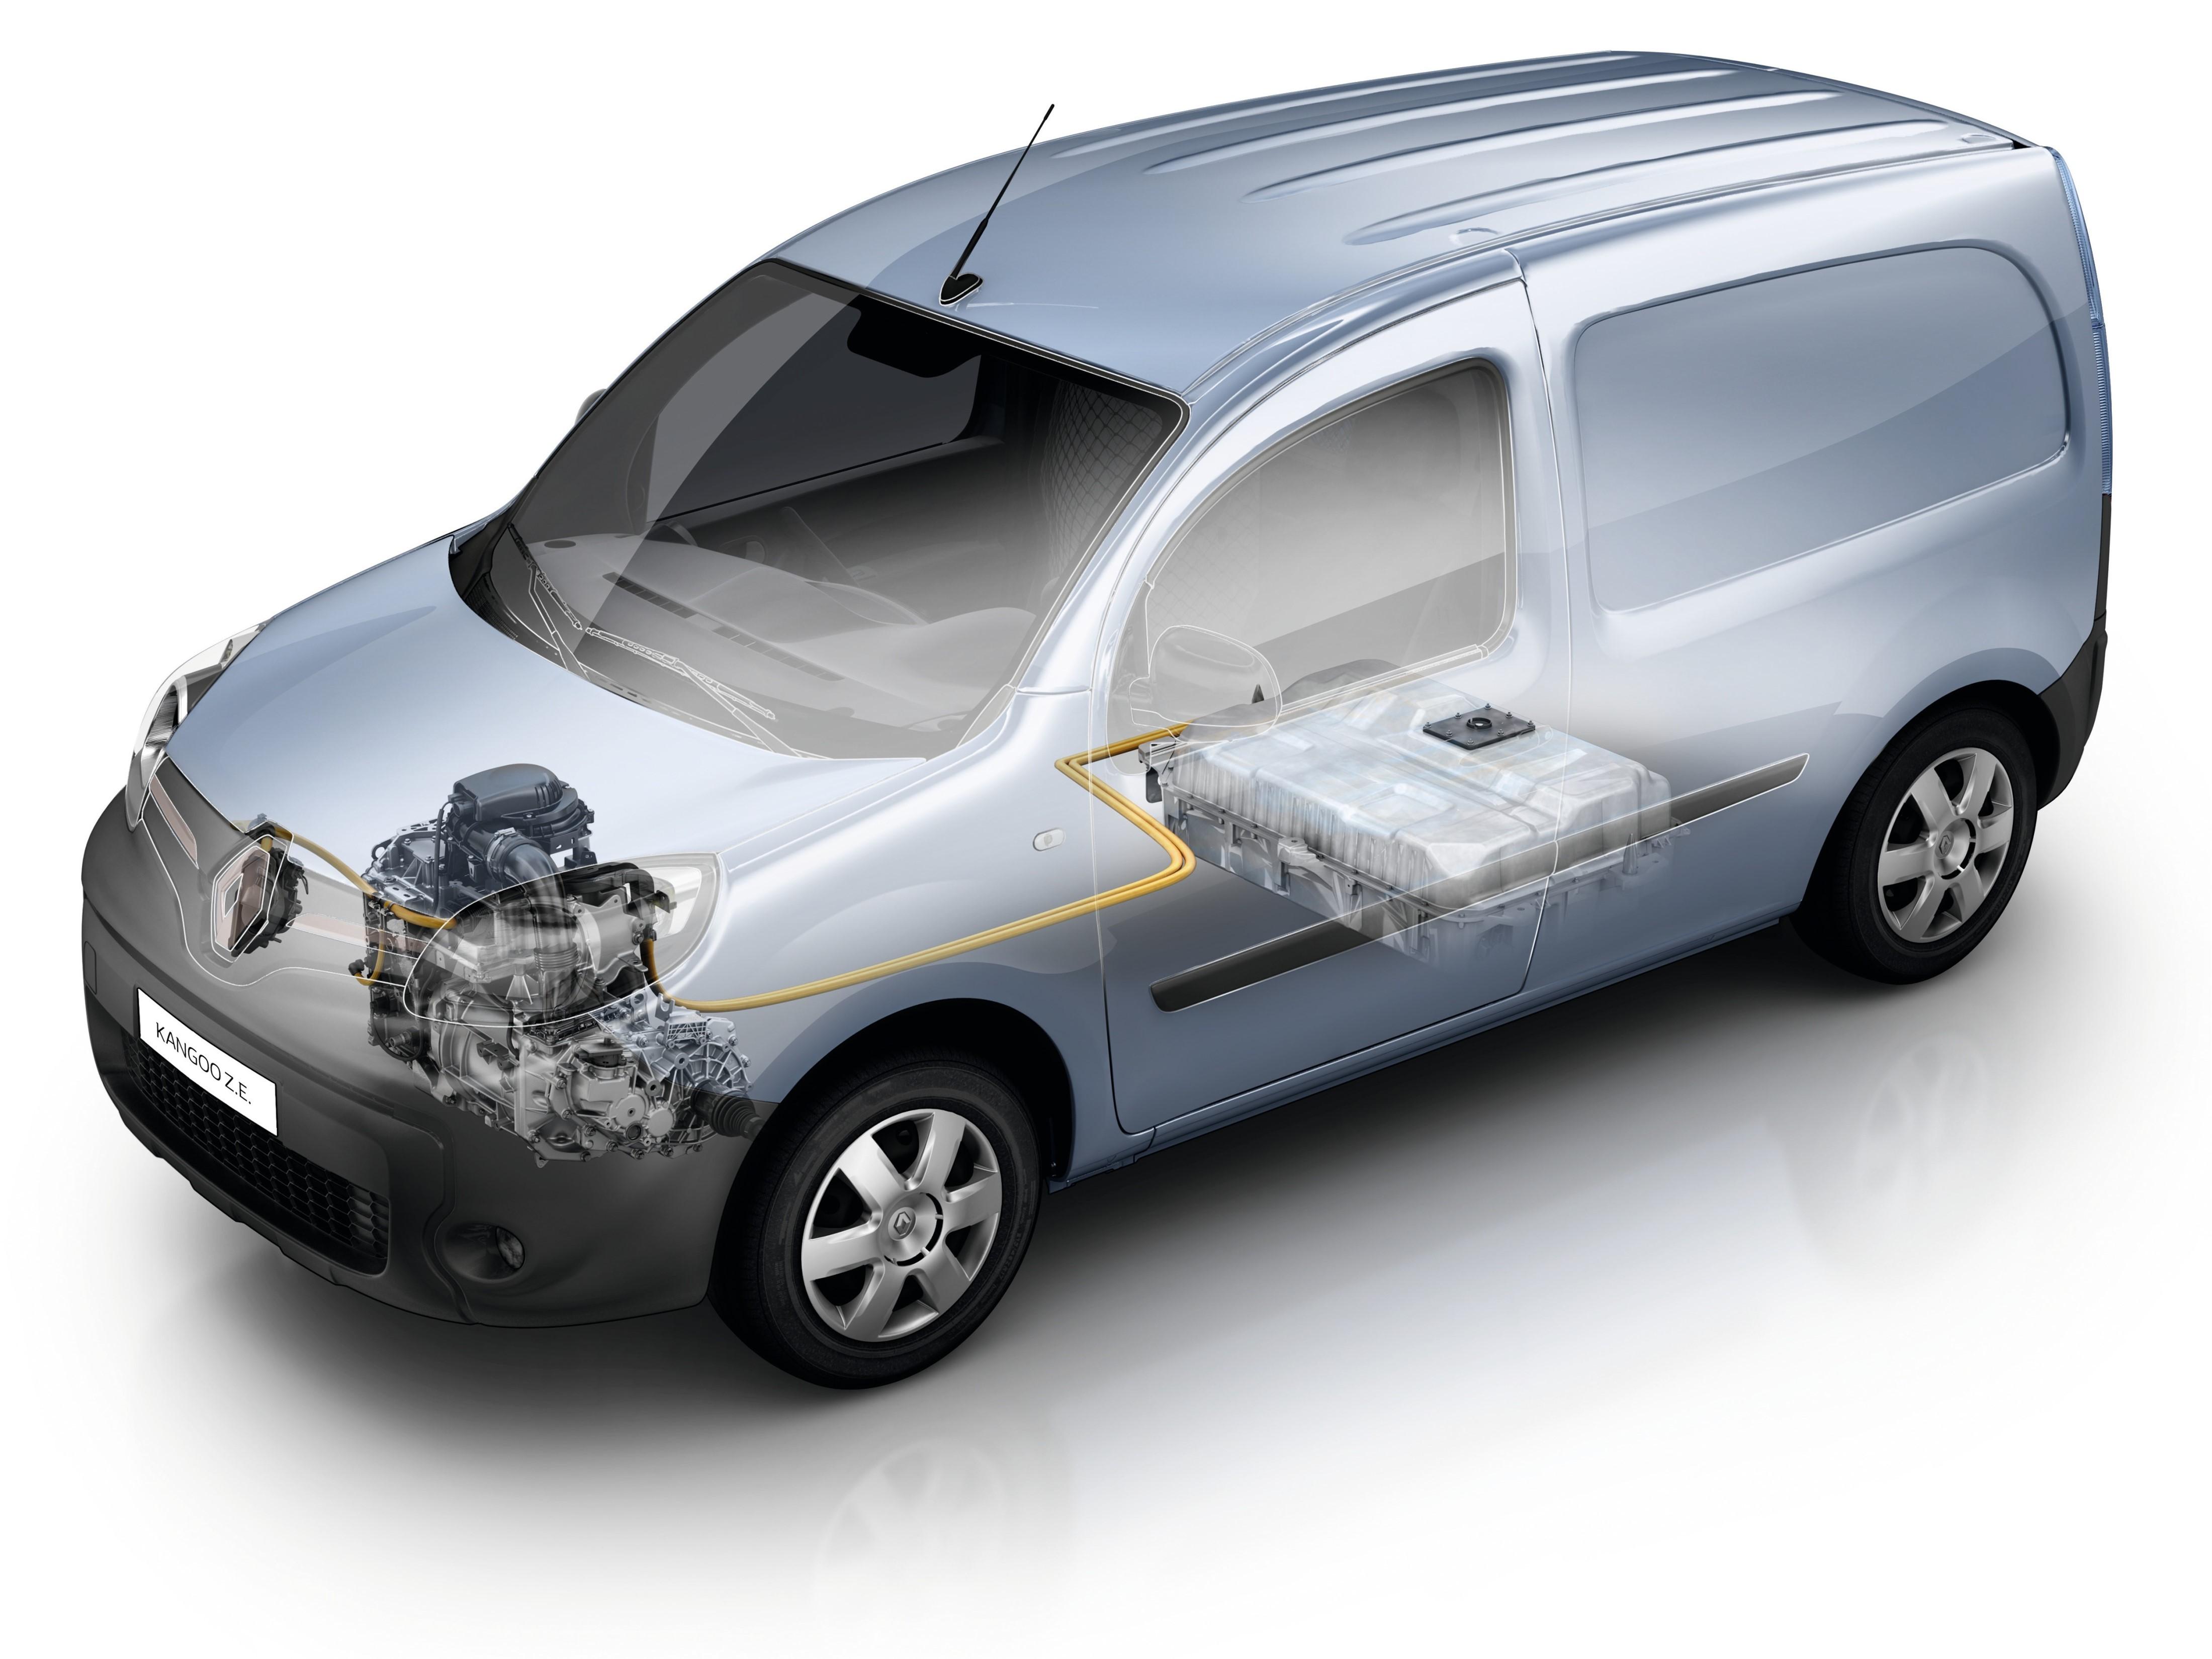 2007/13 - [Renault] Kangoo II [X61] - Page 39 Renault-adds-new-kangoo-ze-and-master-ze-electric-vans_3